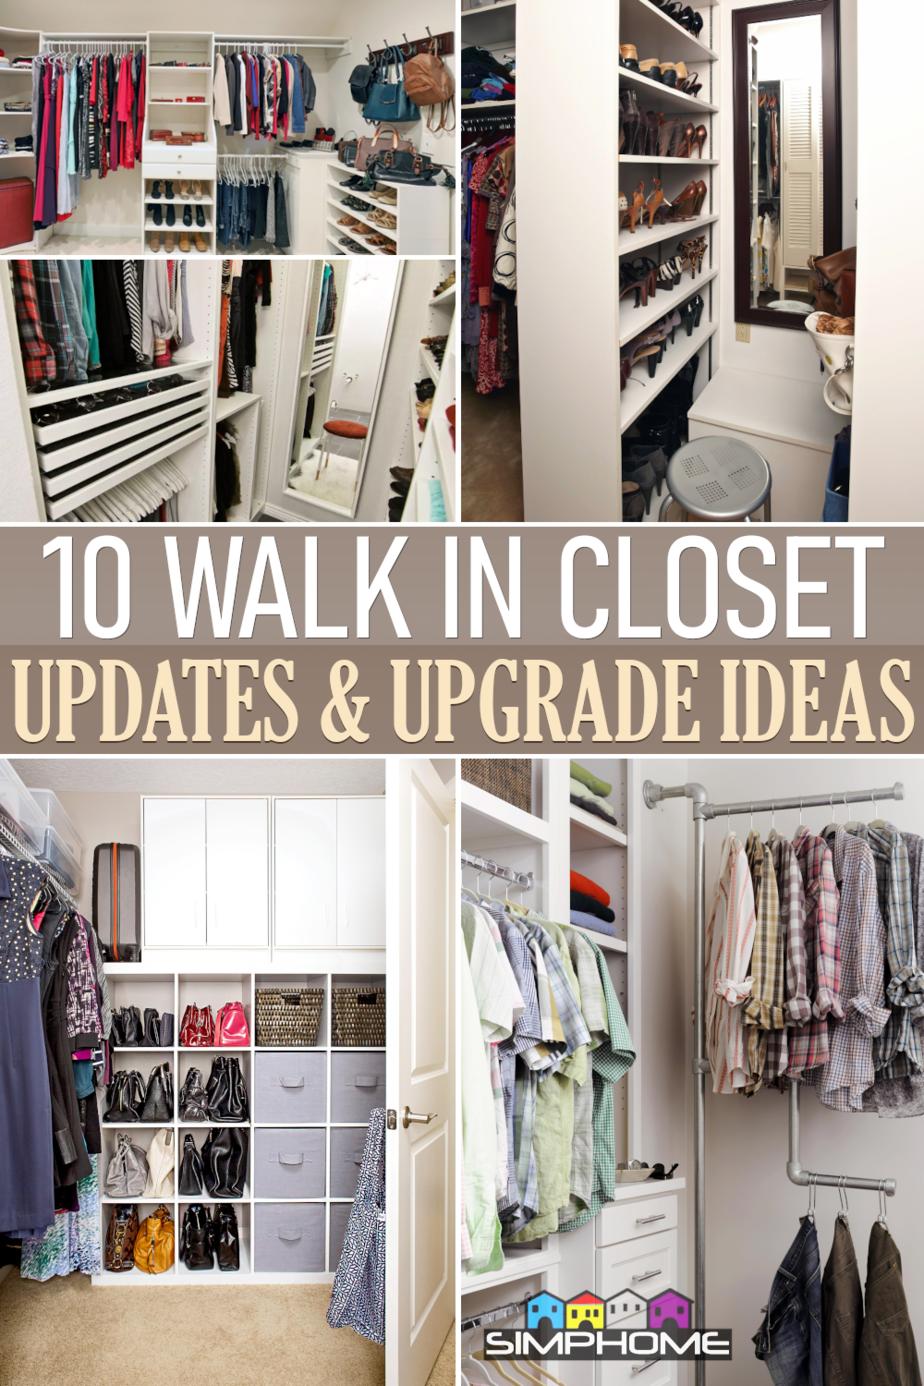 10 walk in Closet Ideas via Simphome.comFeatured